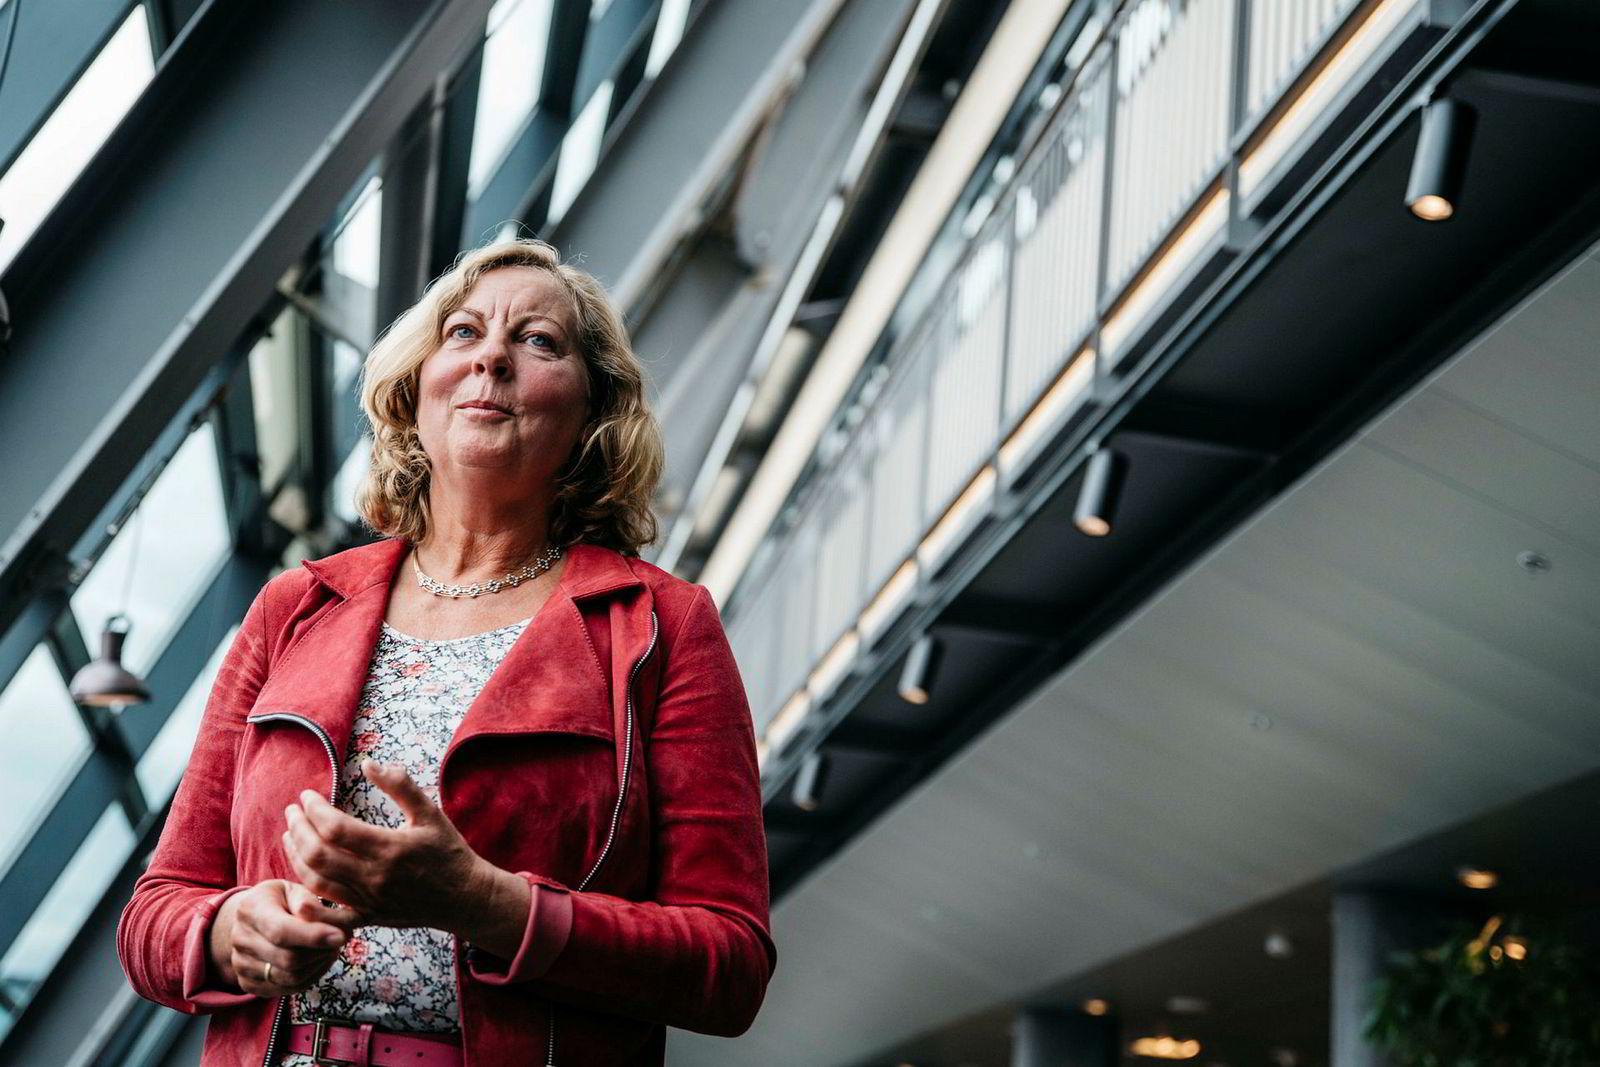 – Vi regner med at vi vil påklage vedtaket, sier administrerende direktør i Telenor Norge, Berit Svendsen.